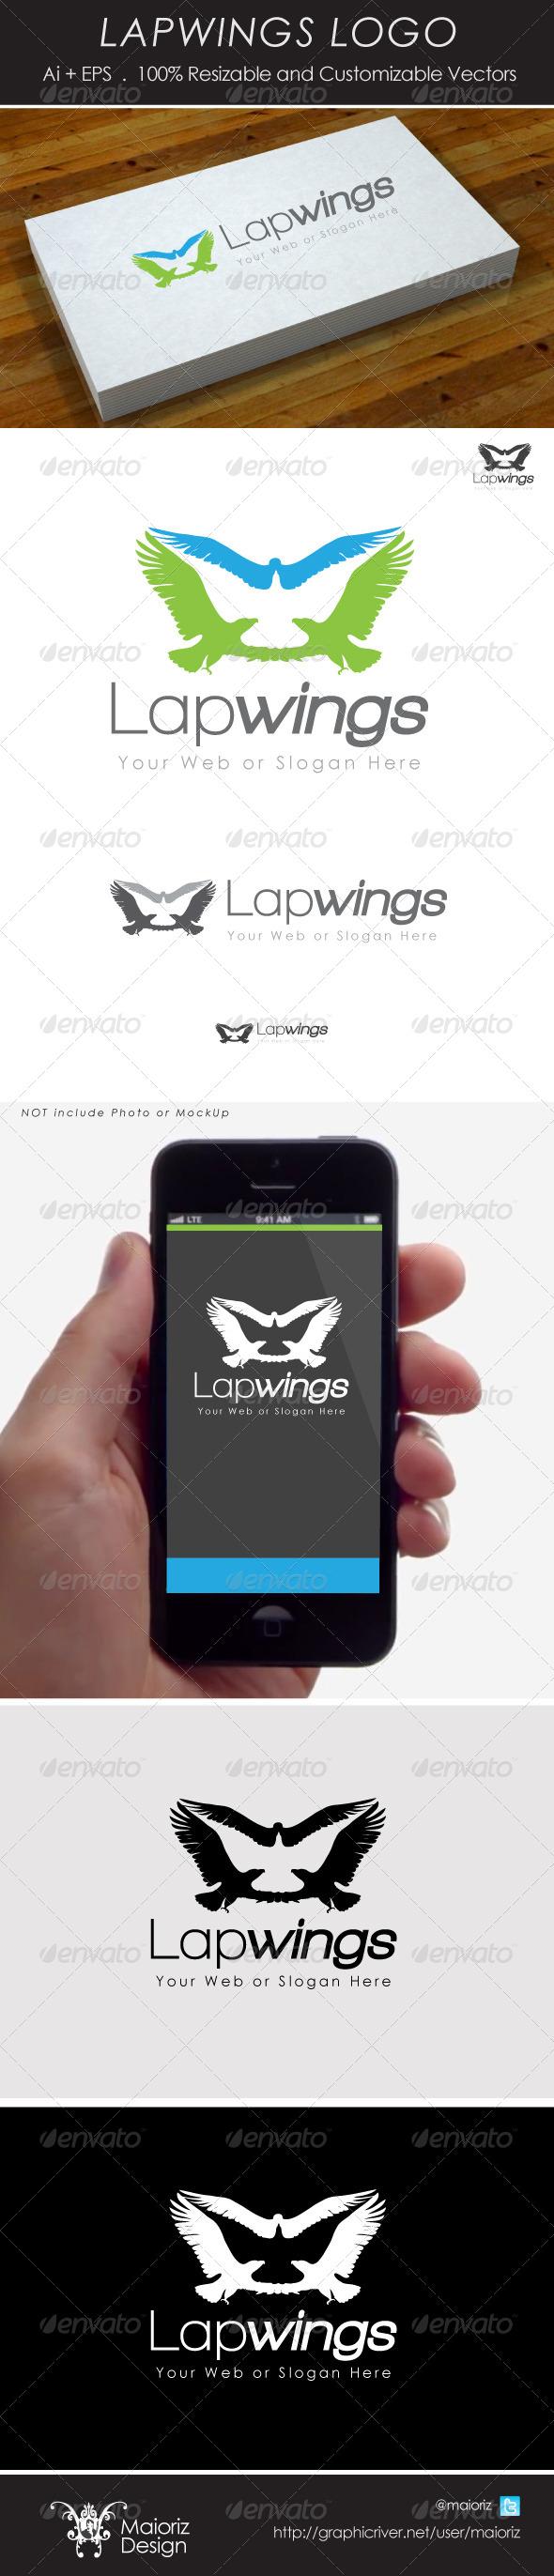 Lapwings Logo